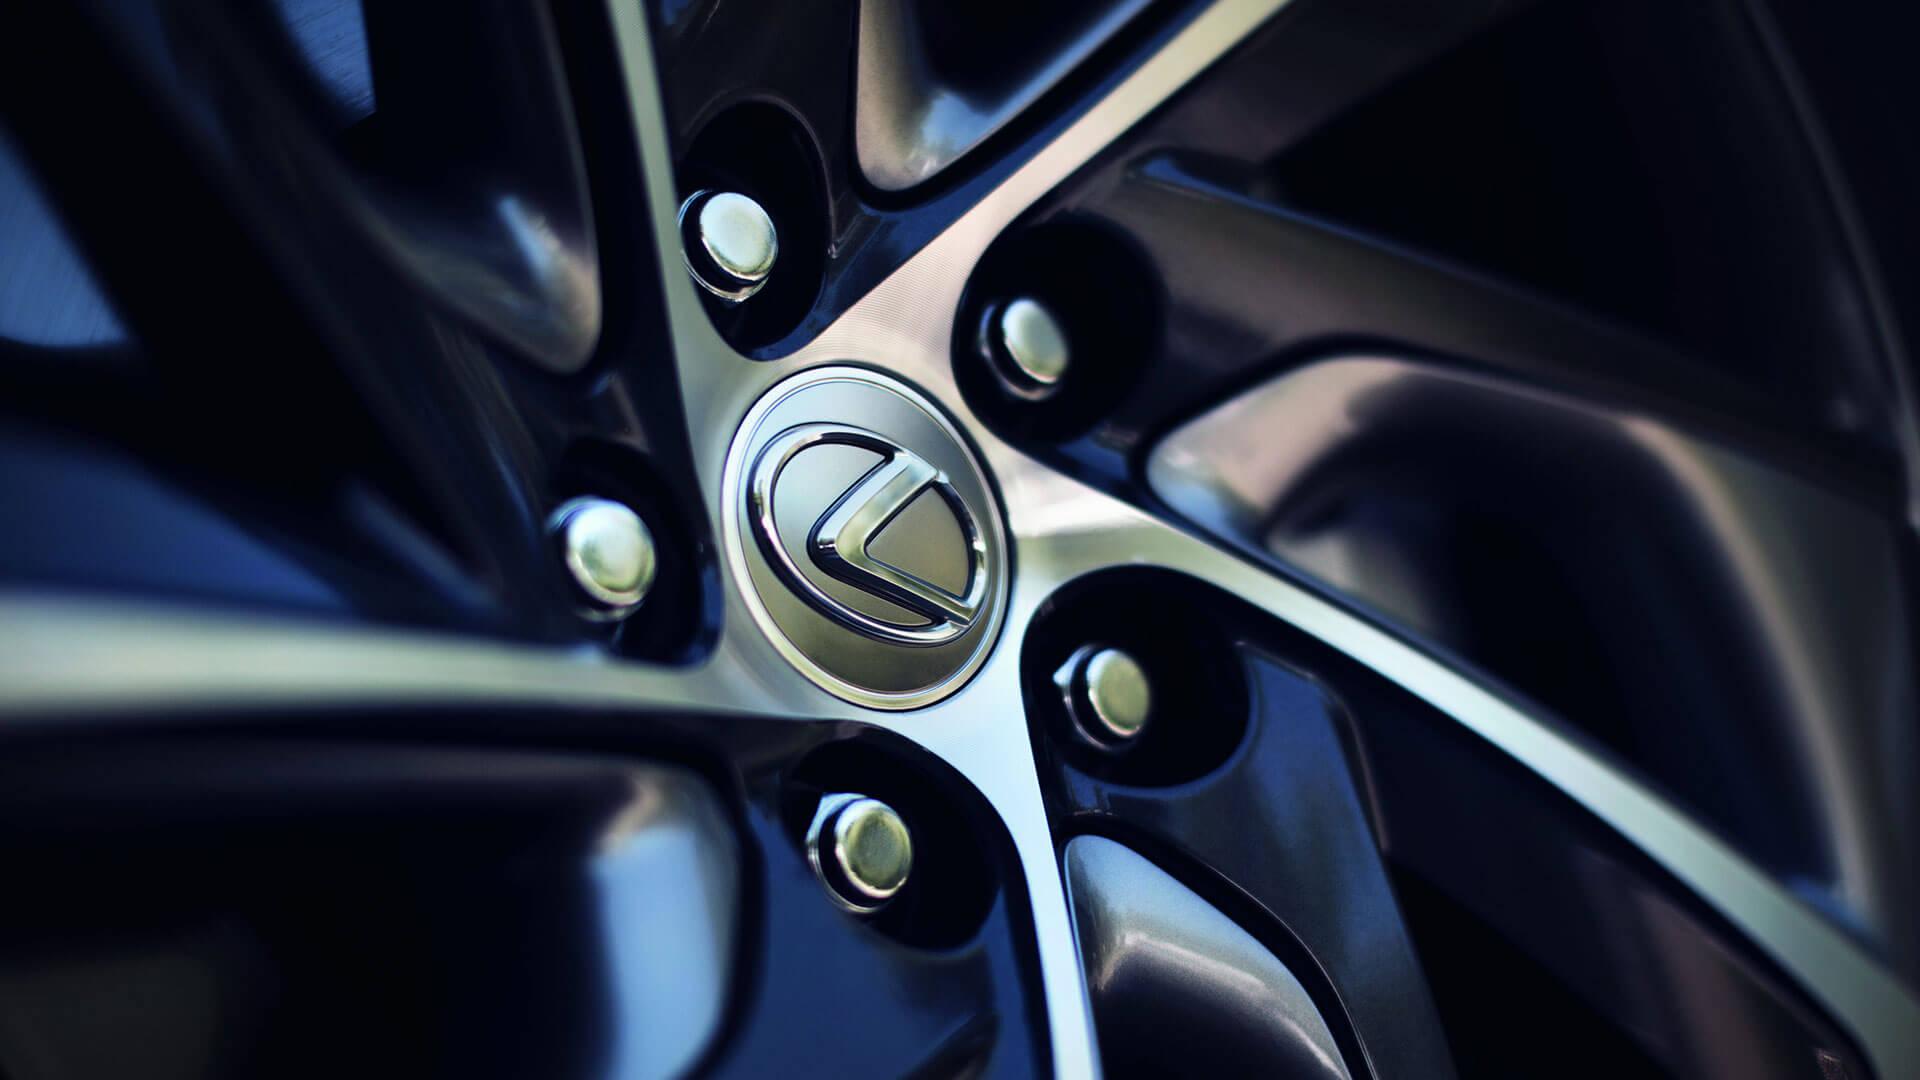 Velg met een Lexus logo